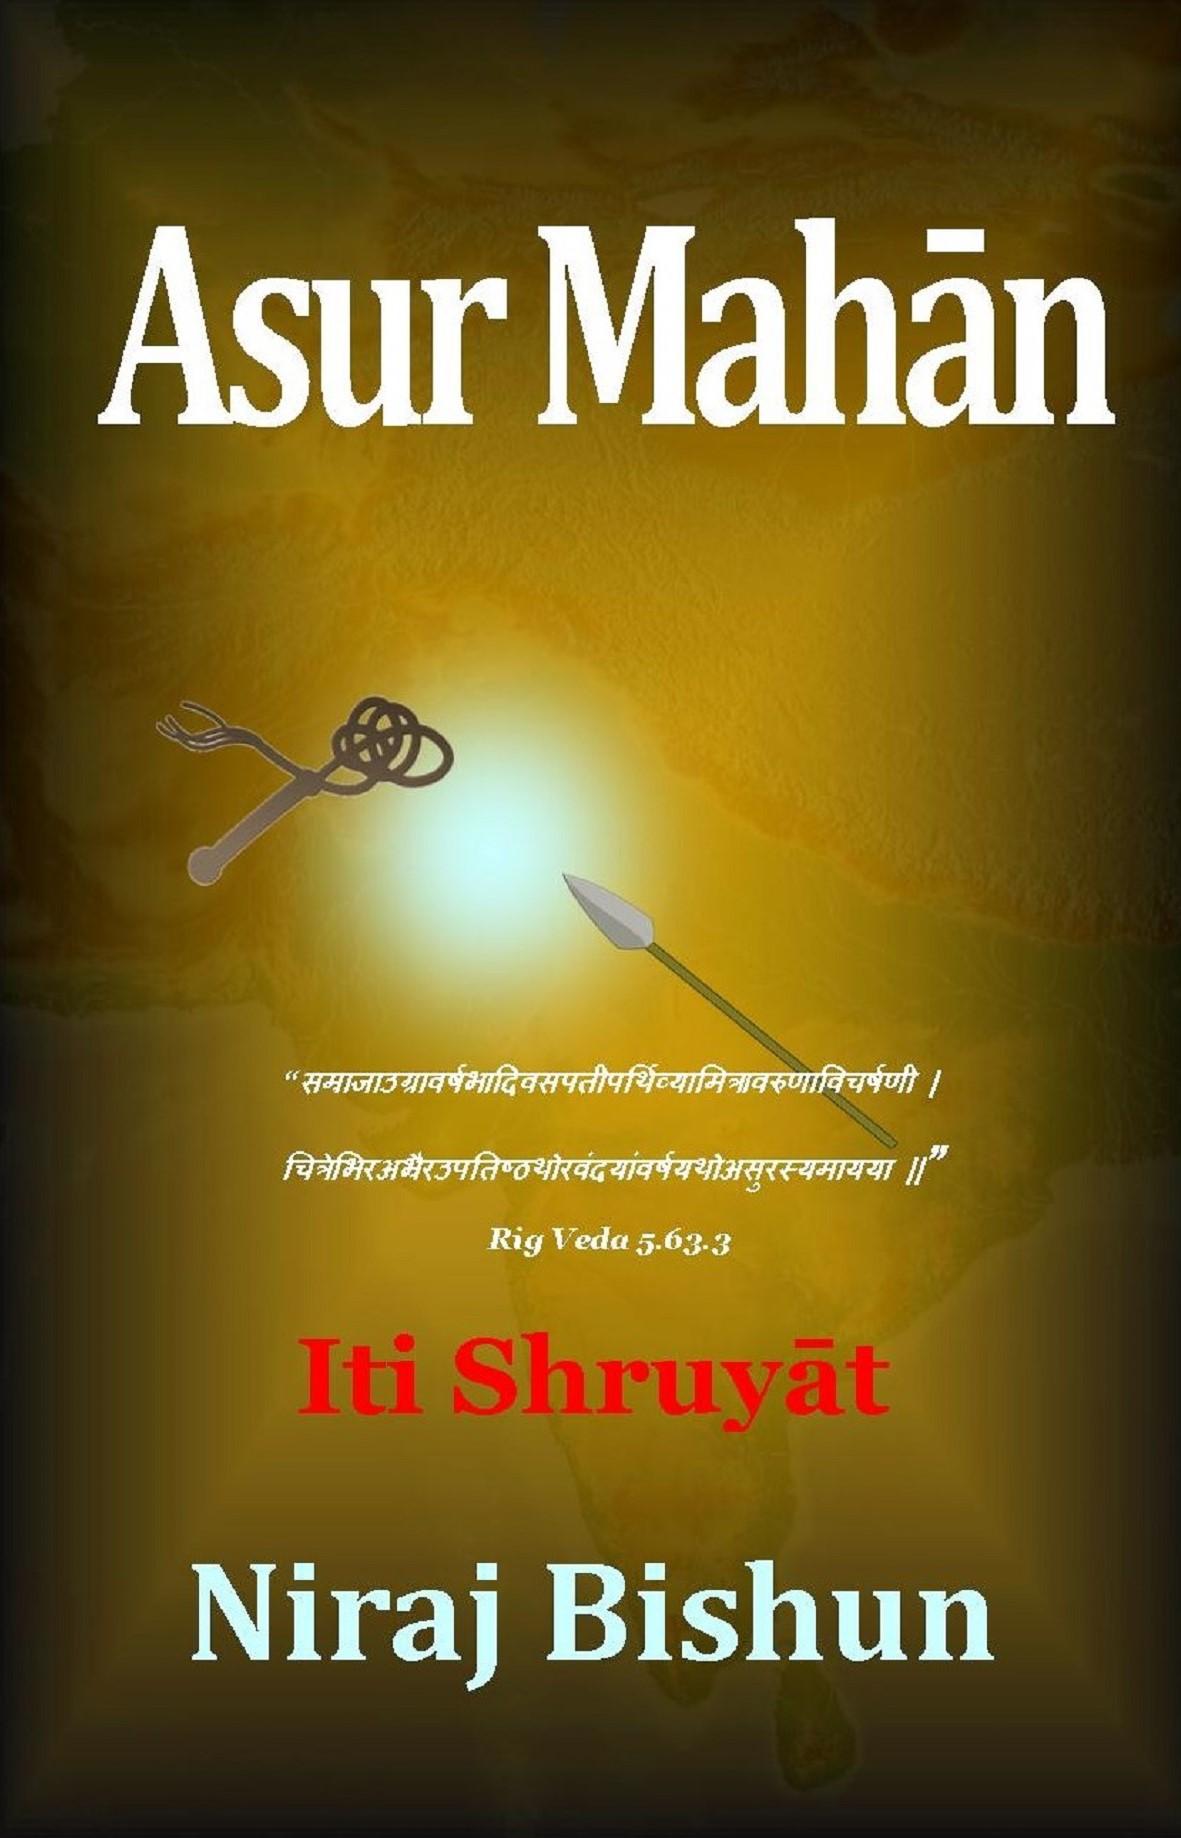 Asur Mahan